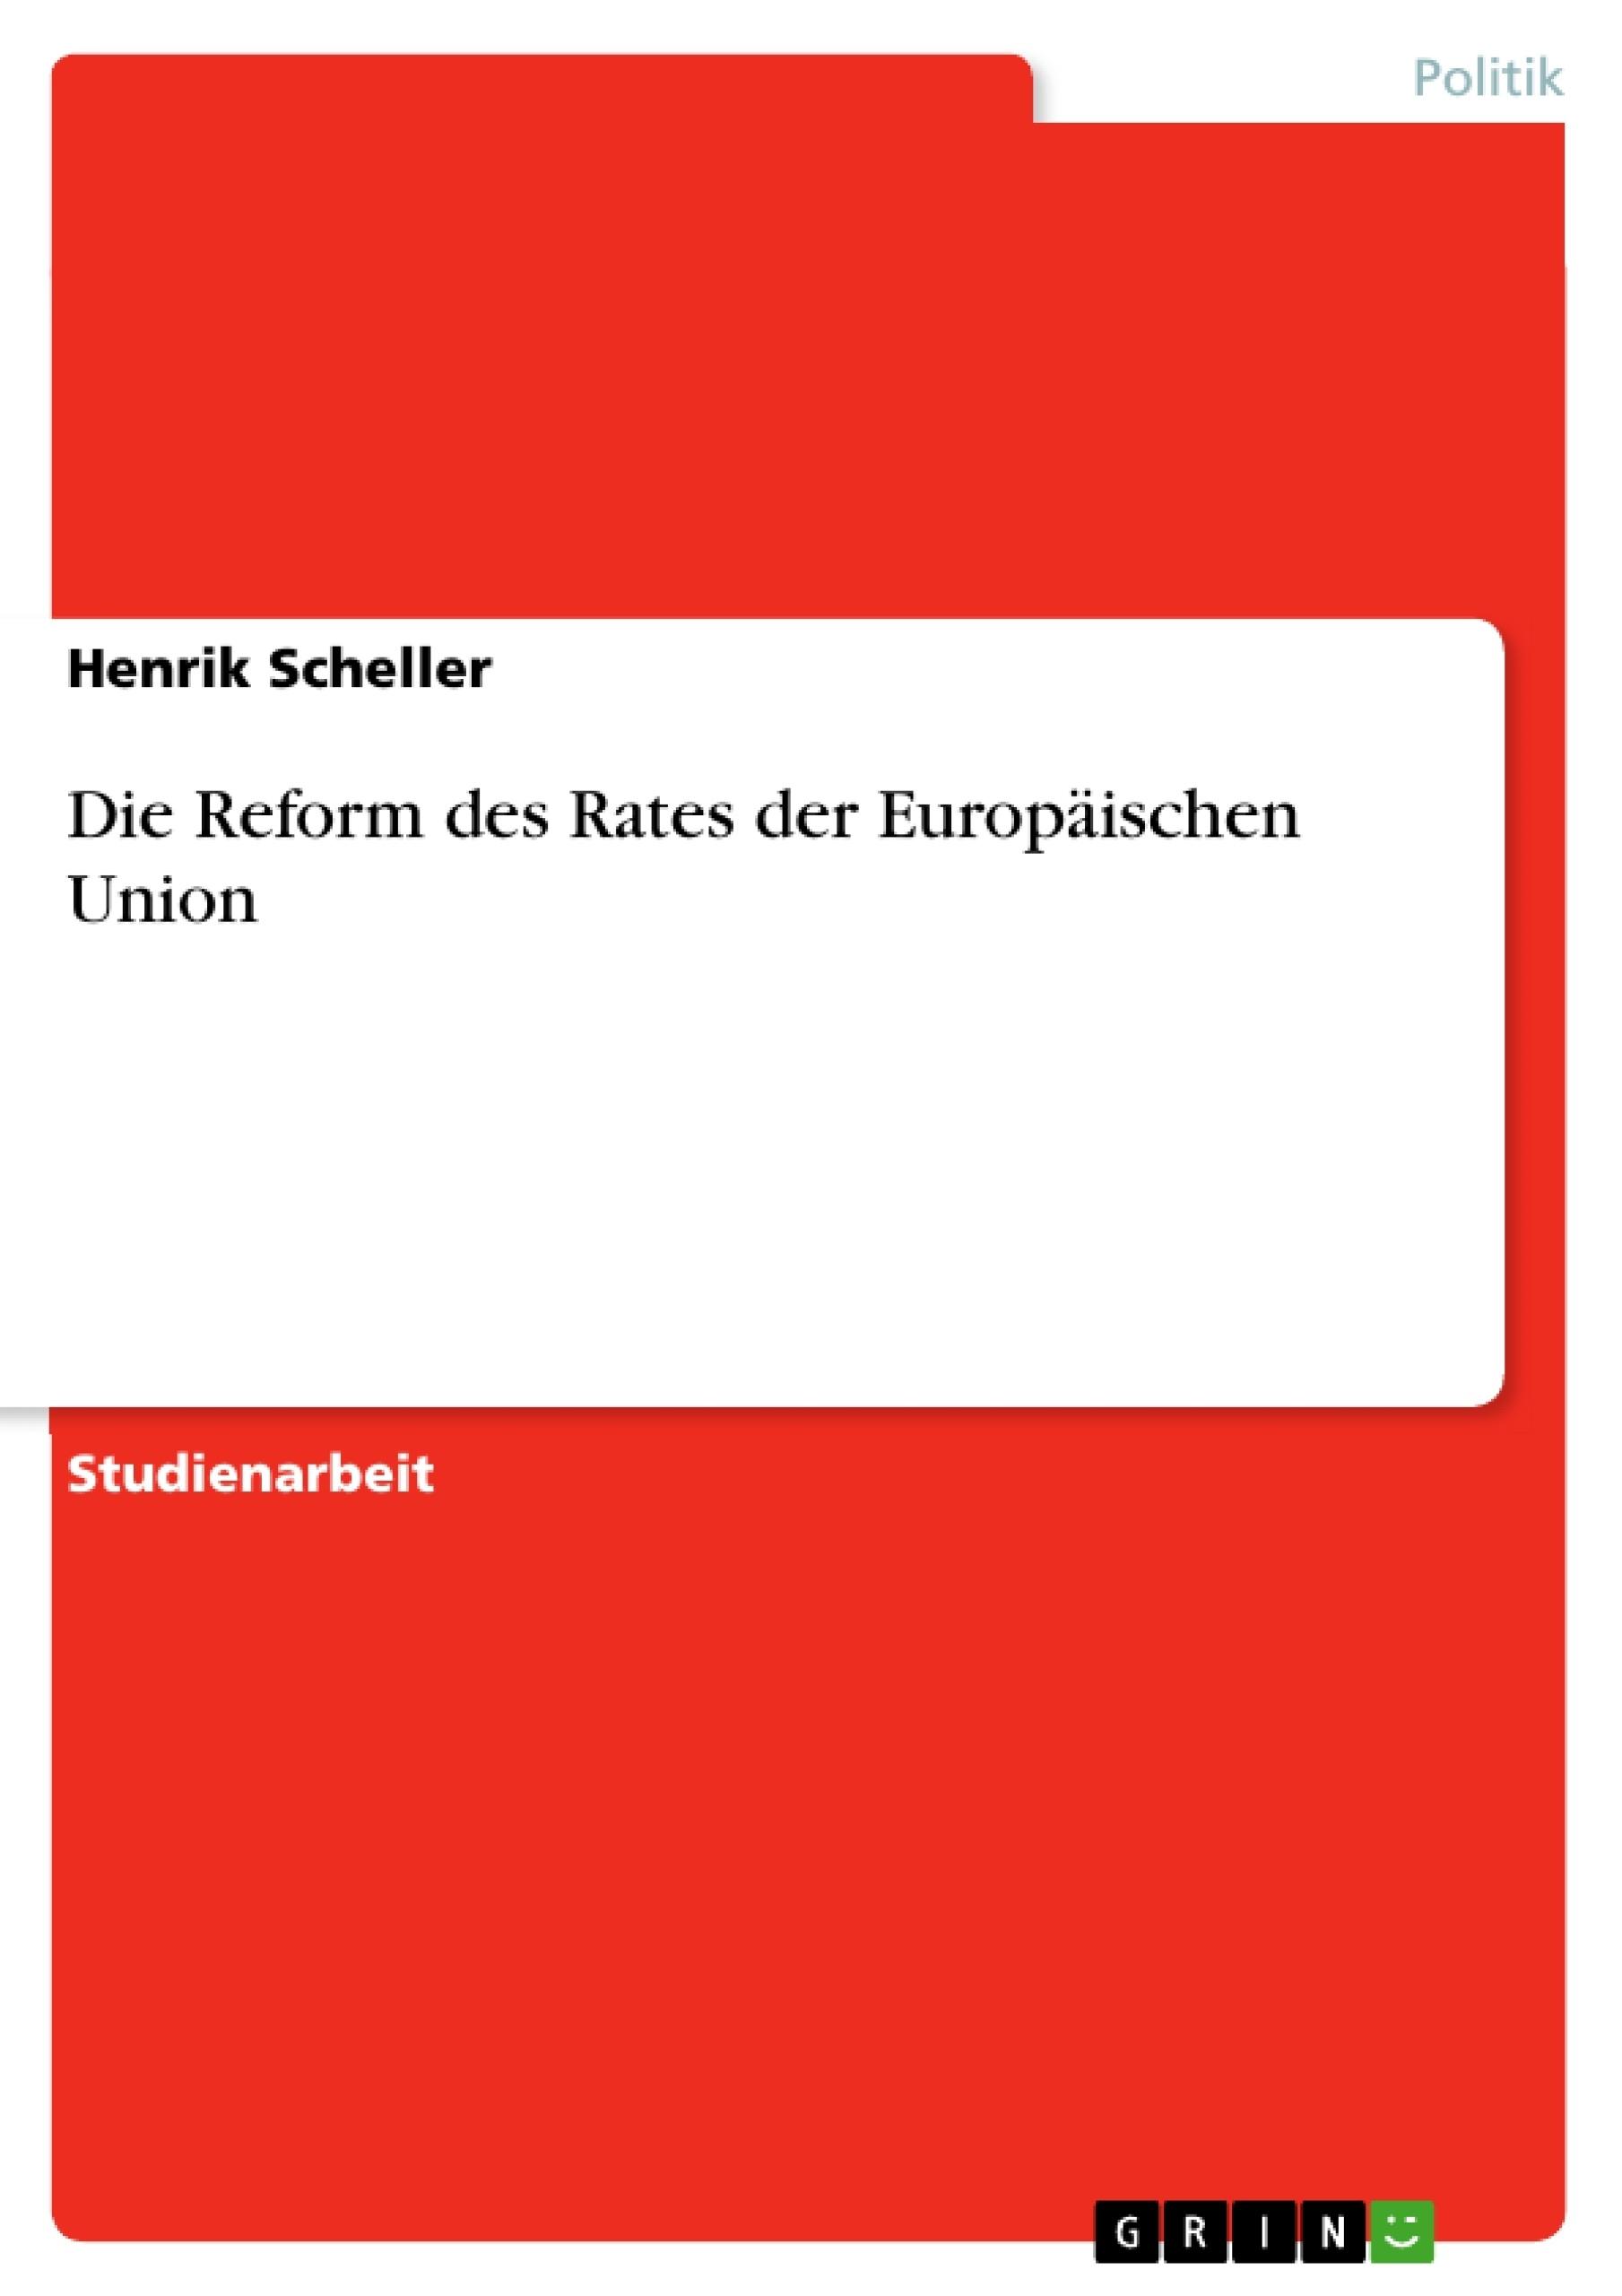 Titel: Die Reform des Rates der Europäischen Union